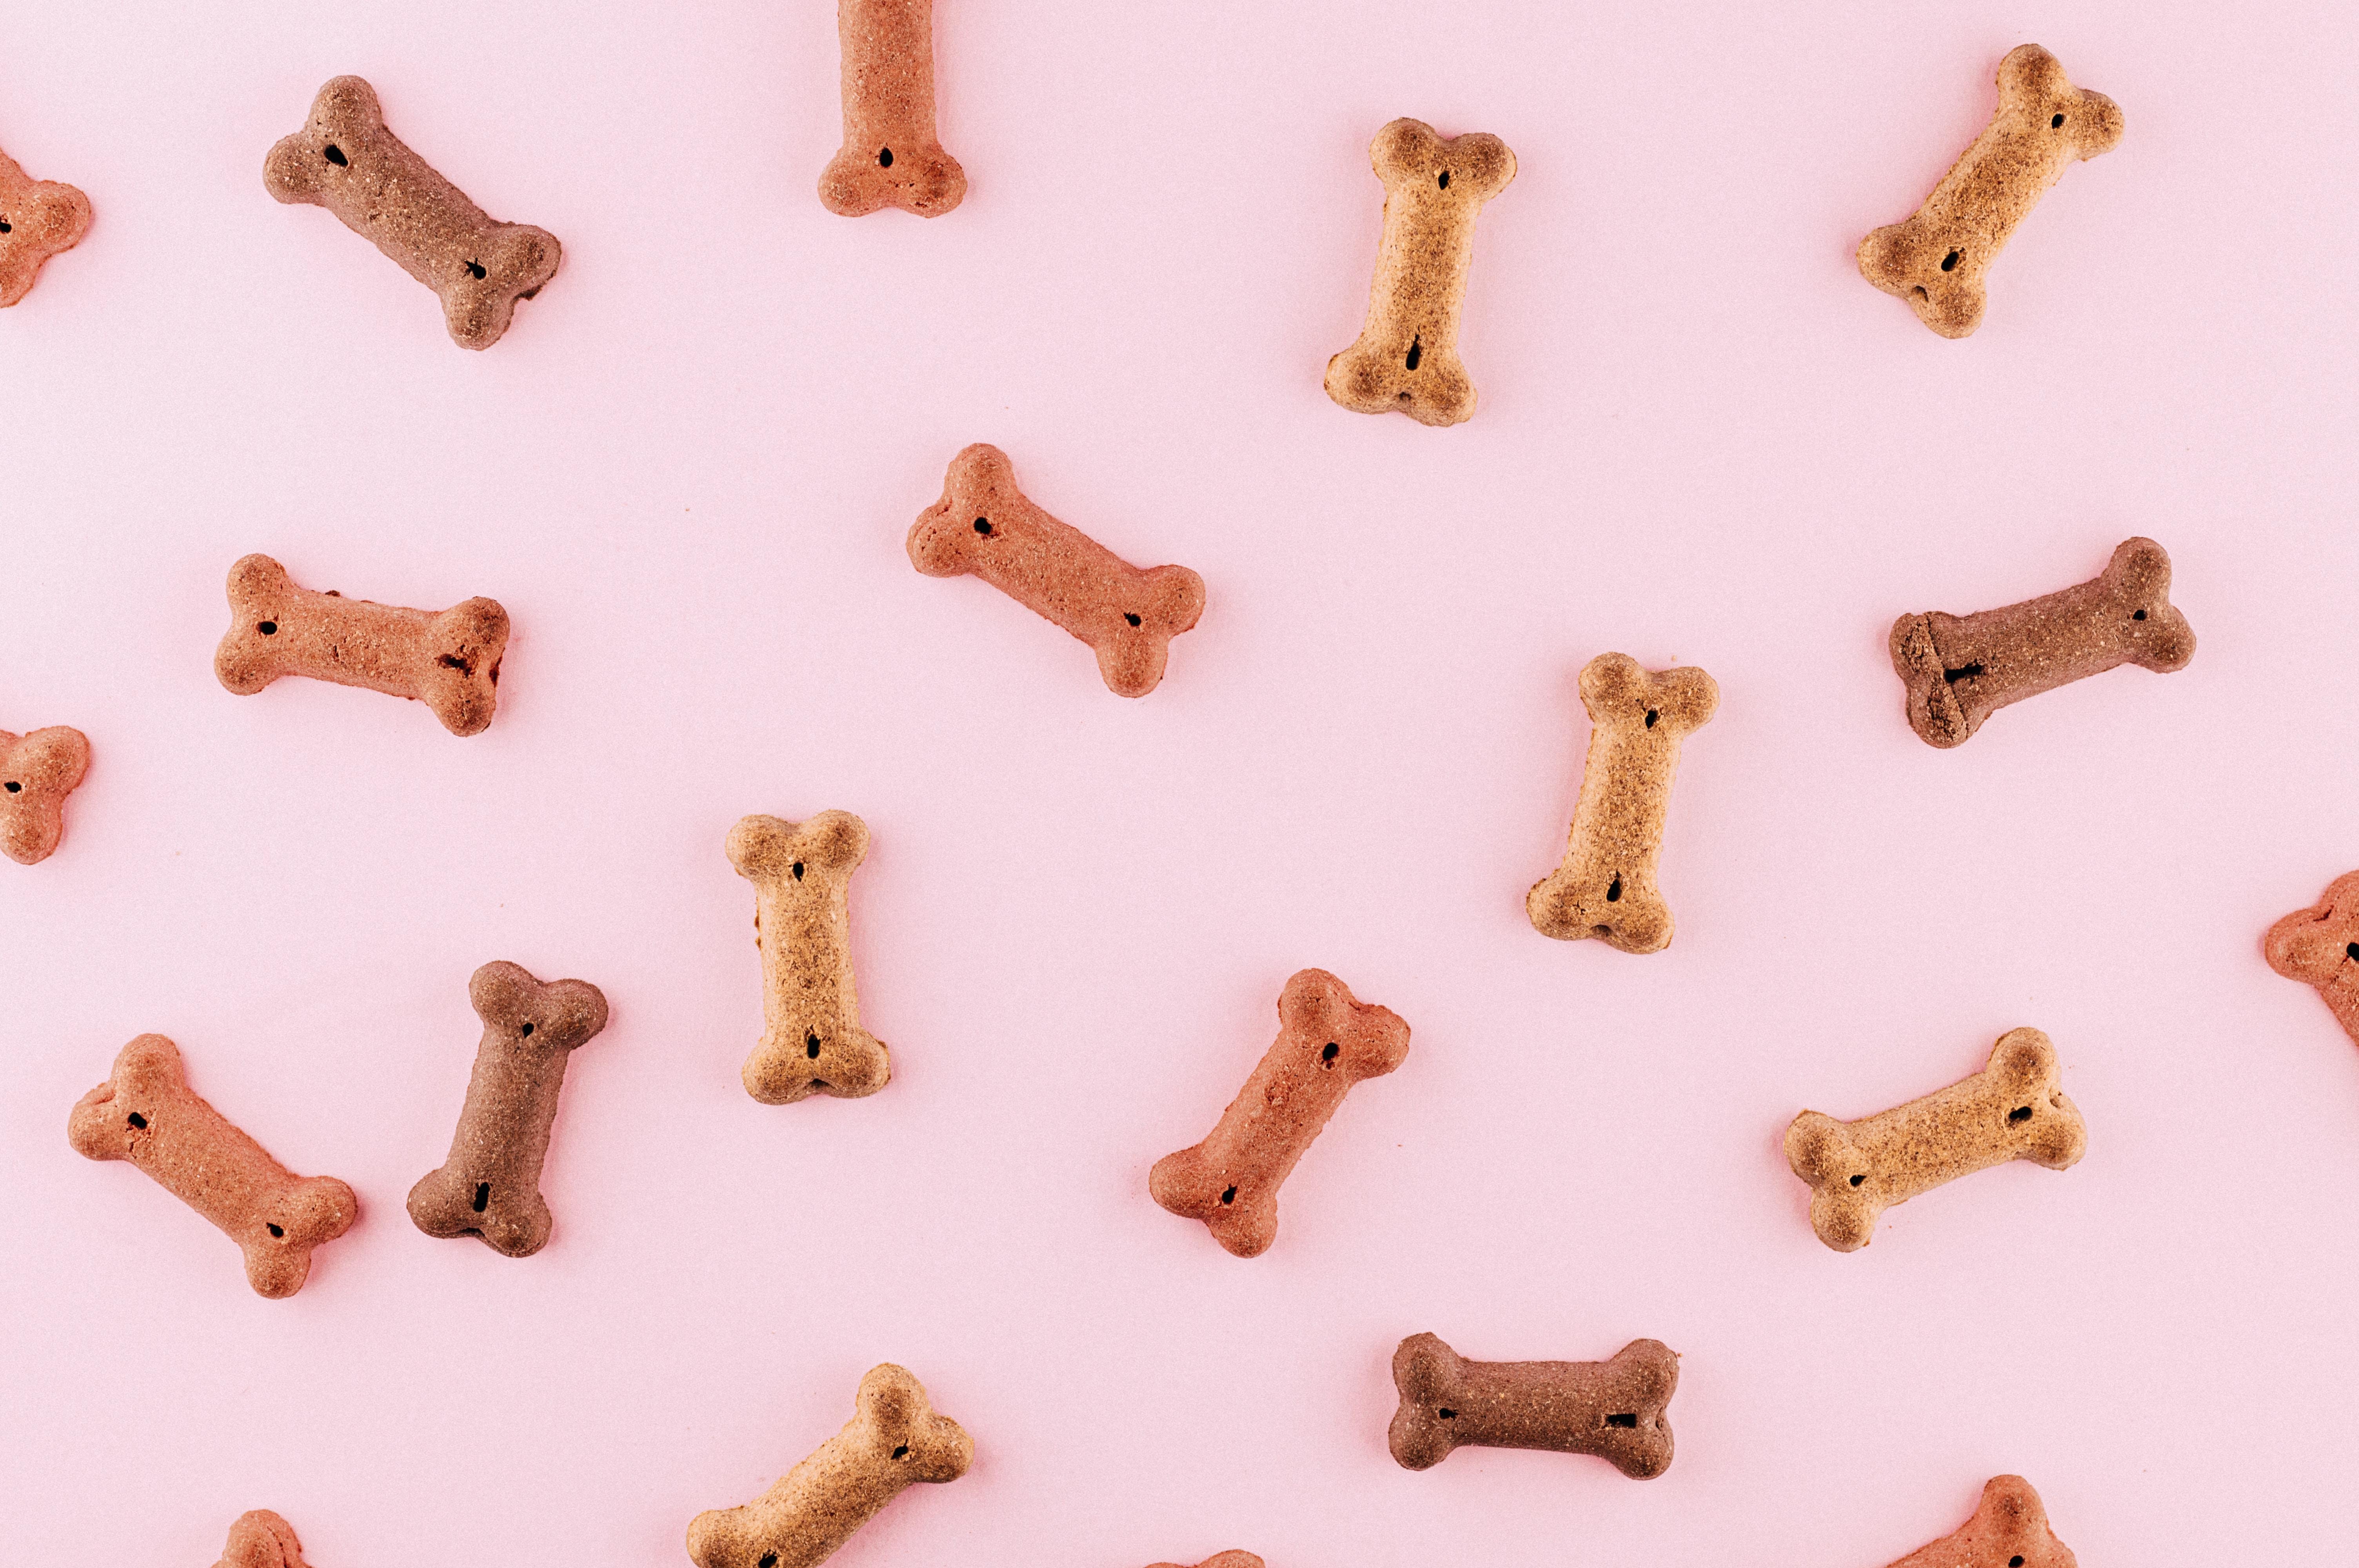 Kutyusunk védekező rendszere: immunerősítő kutyáknak